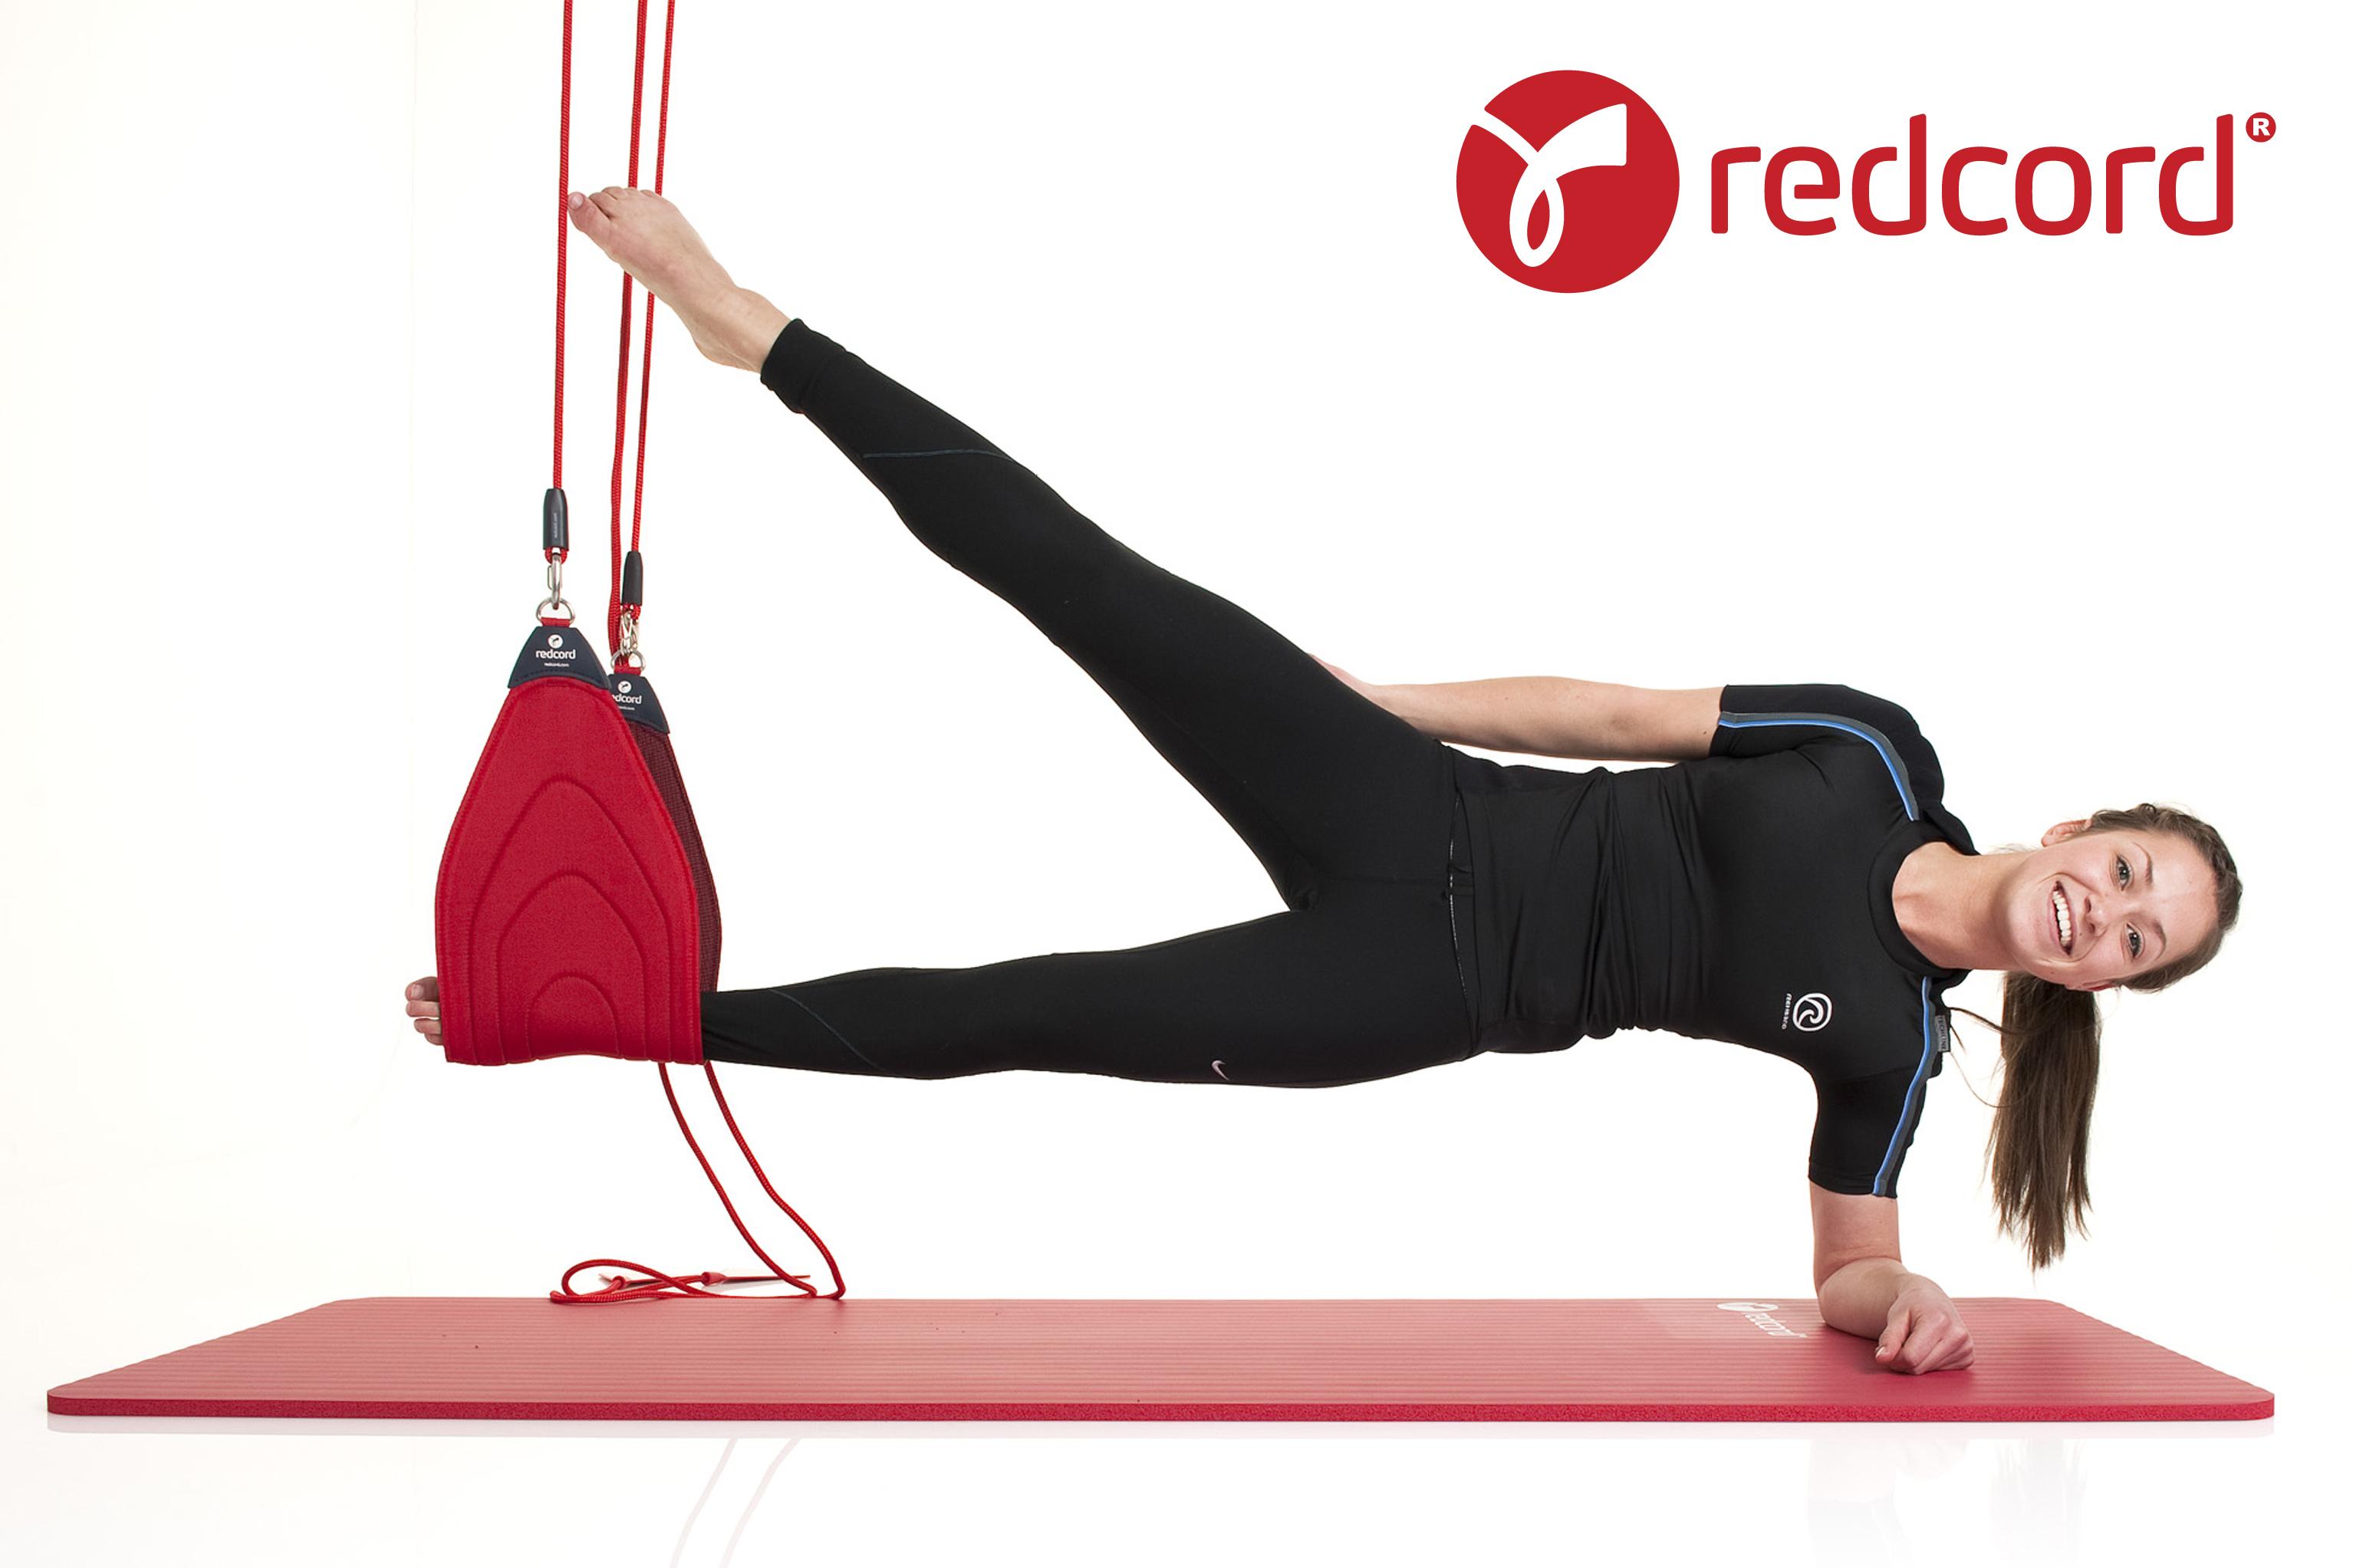 entrenamiento en suspensión Redcord